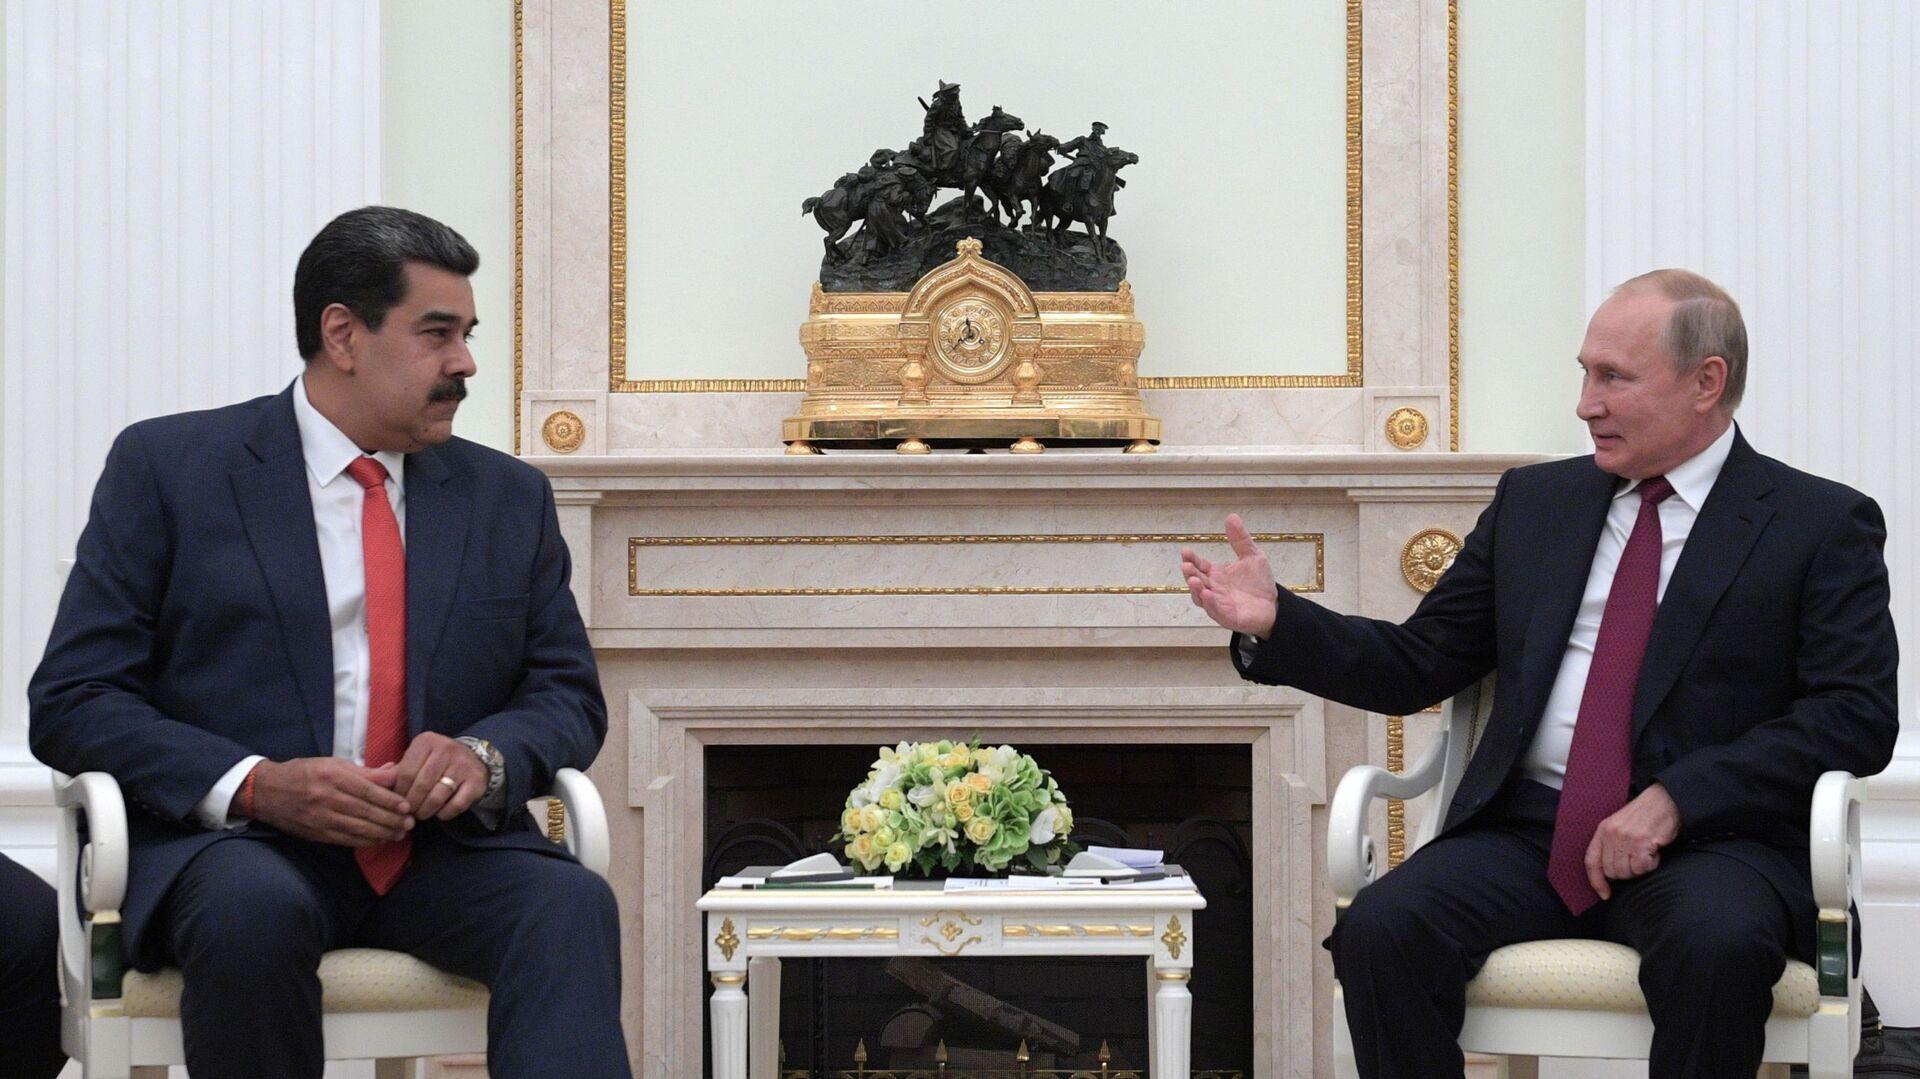 El presidente de Venezuela, Nicolás Maduro y el presidente de Rusia, Vladímir Putin - Sputnik Mundo, 1920, 23.09.2021